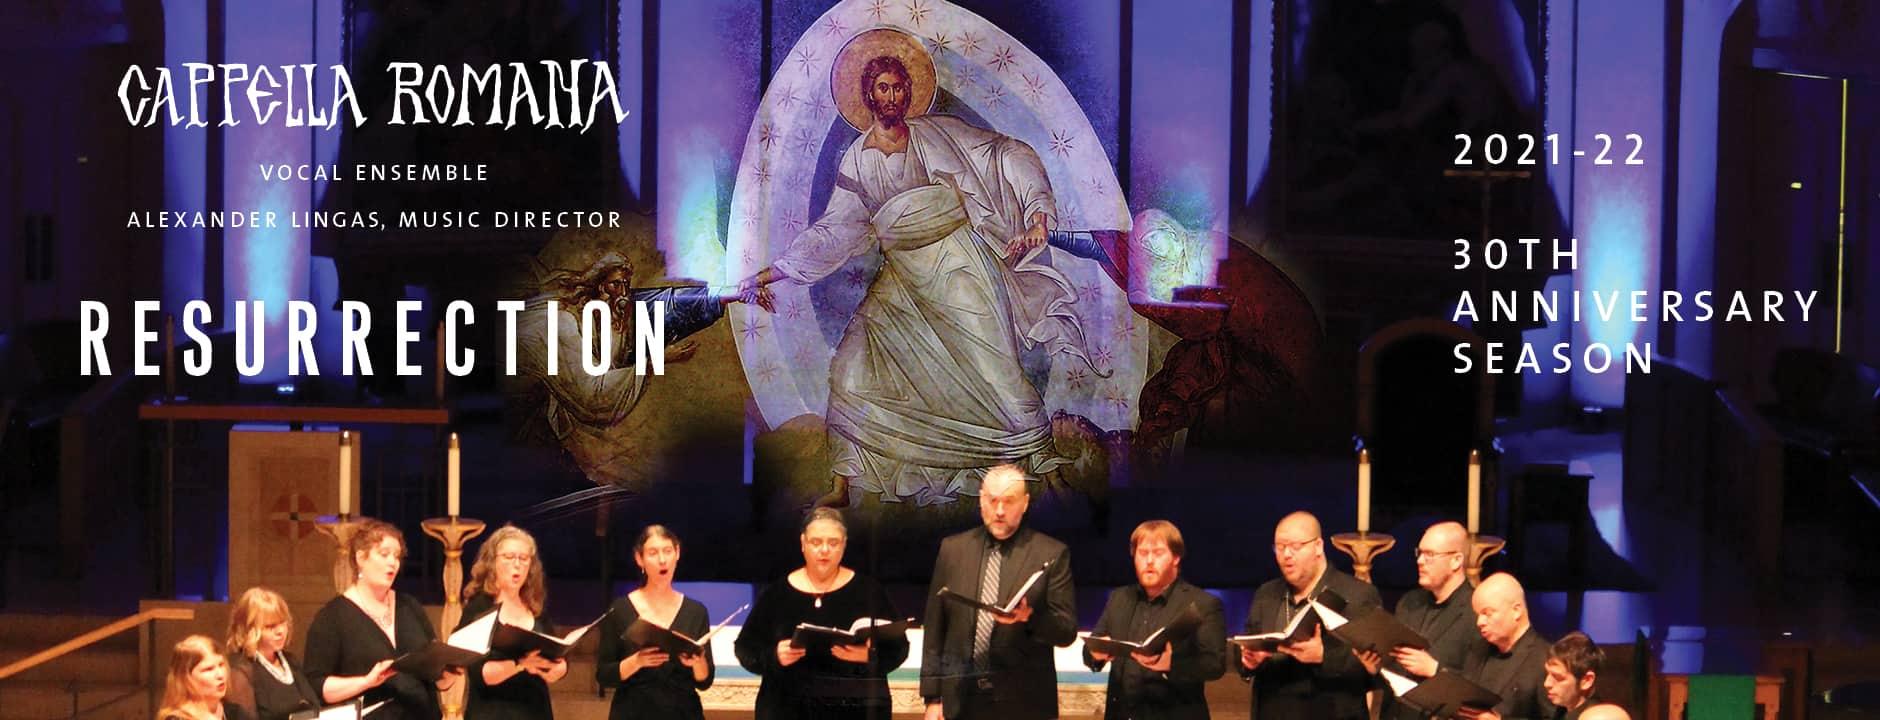 Cappella Romana's 30th Anniversary Season